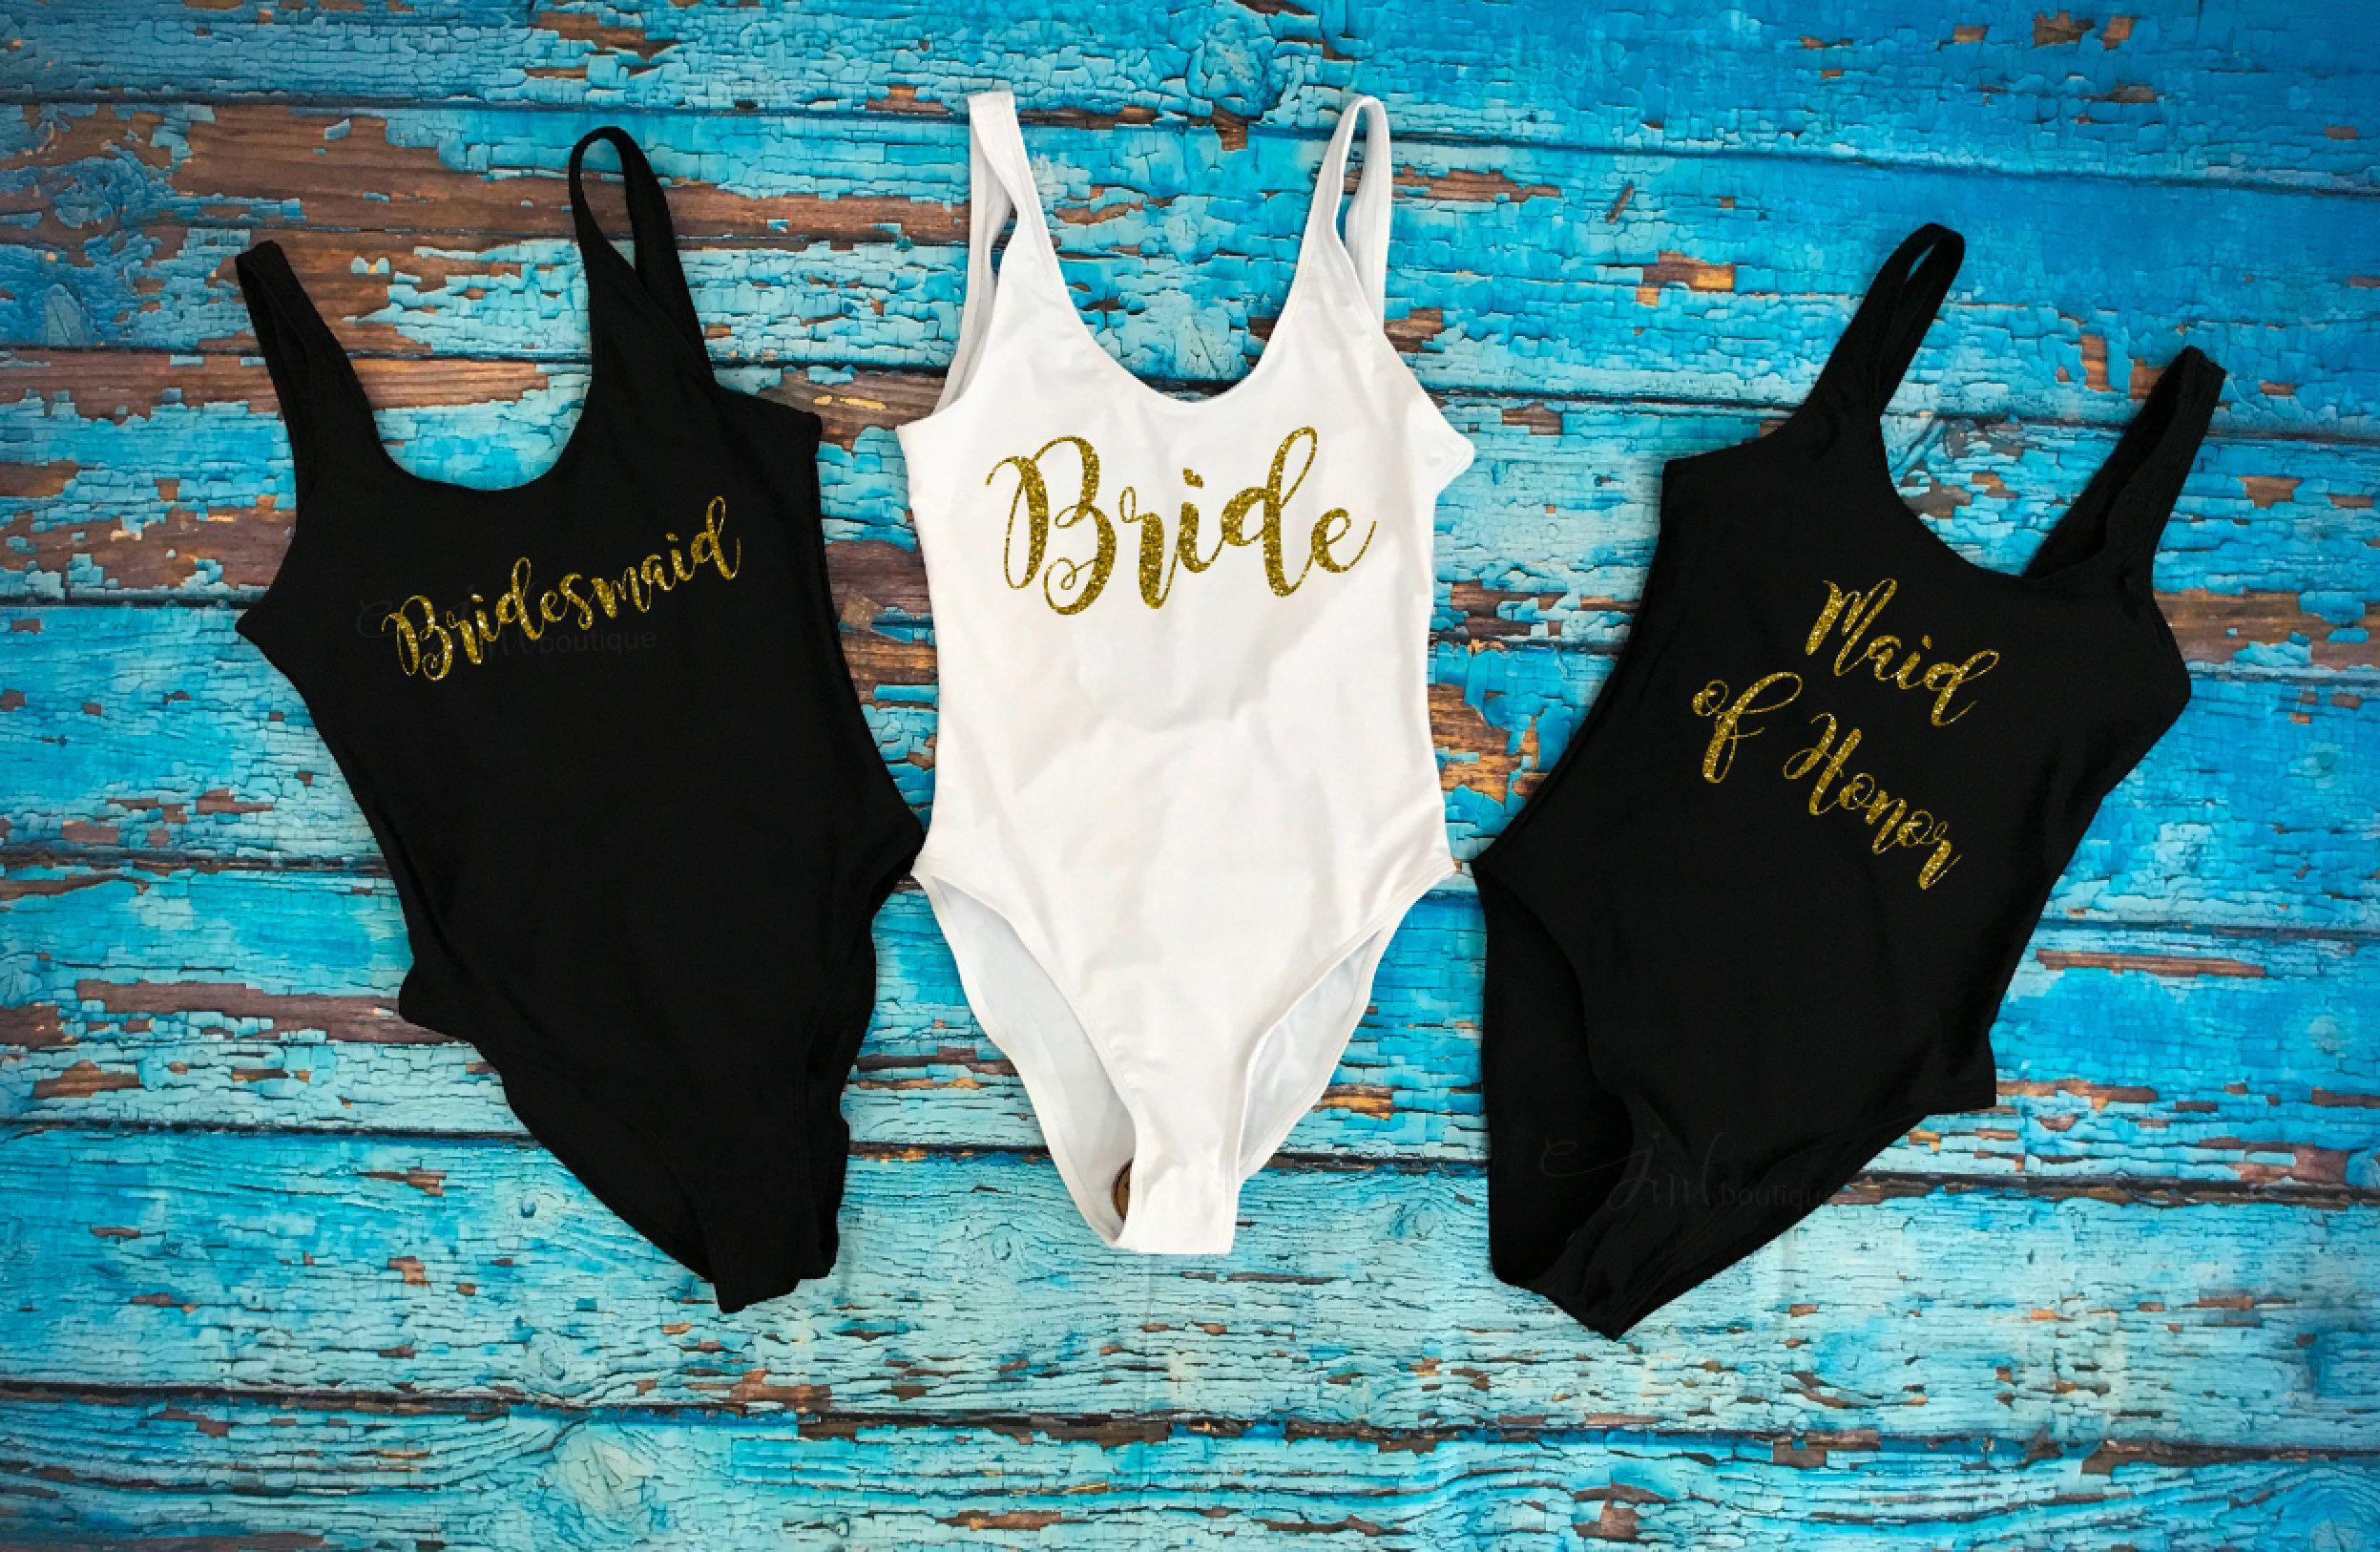 59d1b38a7f261 Bride Swimwear. Squad Swimwear. Bridesmaid Gift. Bride Squad Bathing Suit. Bride  Bathing suit. Honeymoon. Bridal Bathing suit. Swim Suit by JMTboutique on  ...